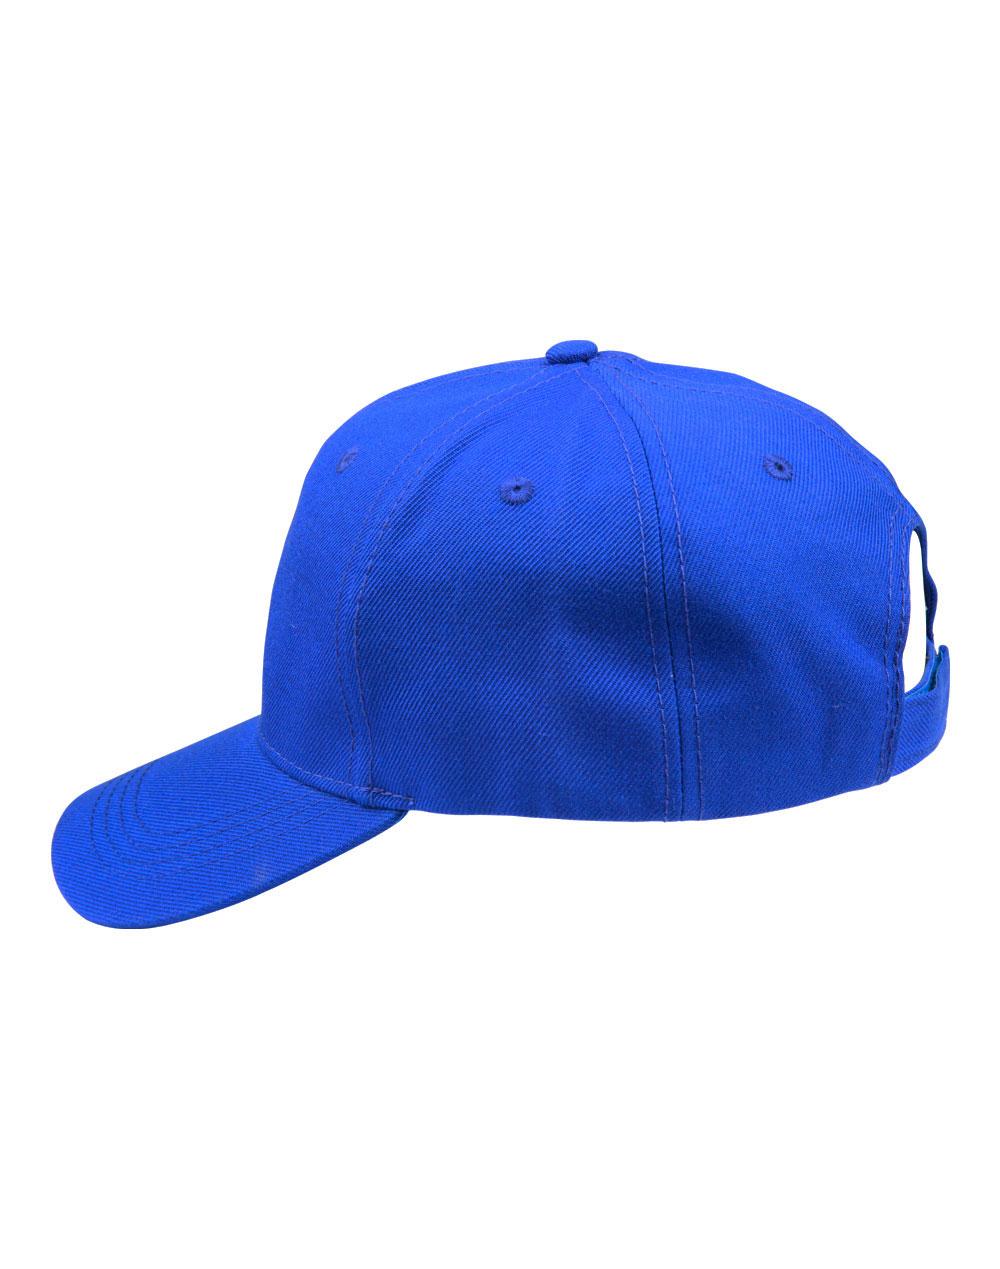 H1007 Wool Blend Cap